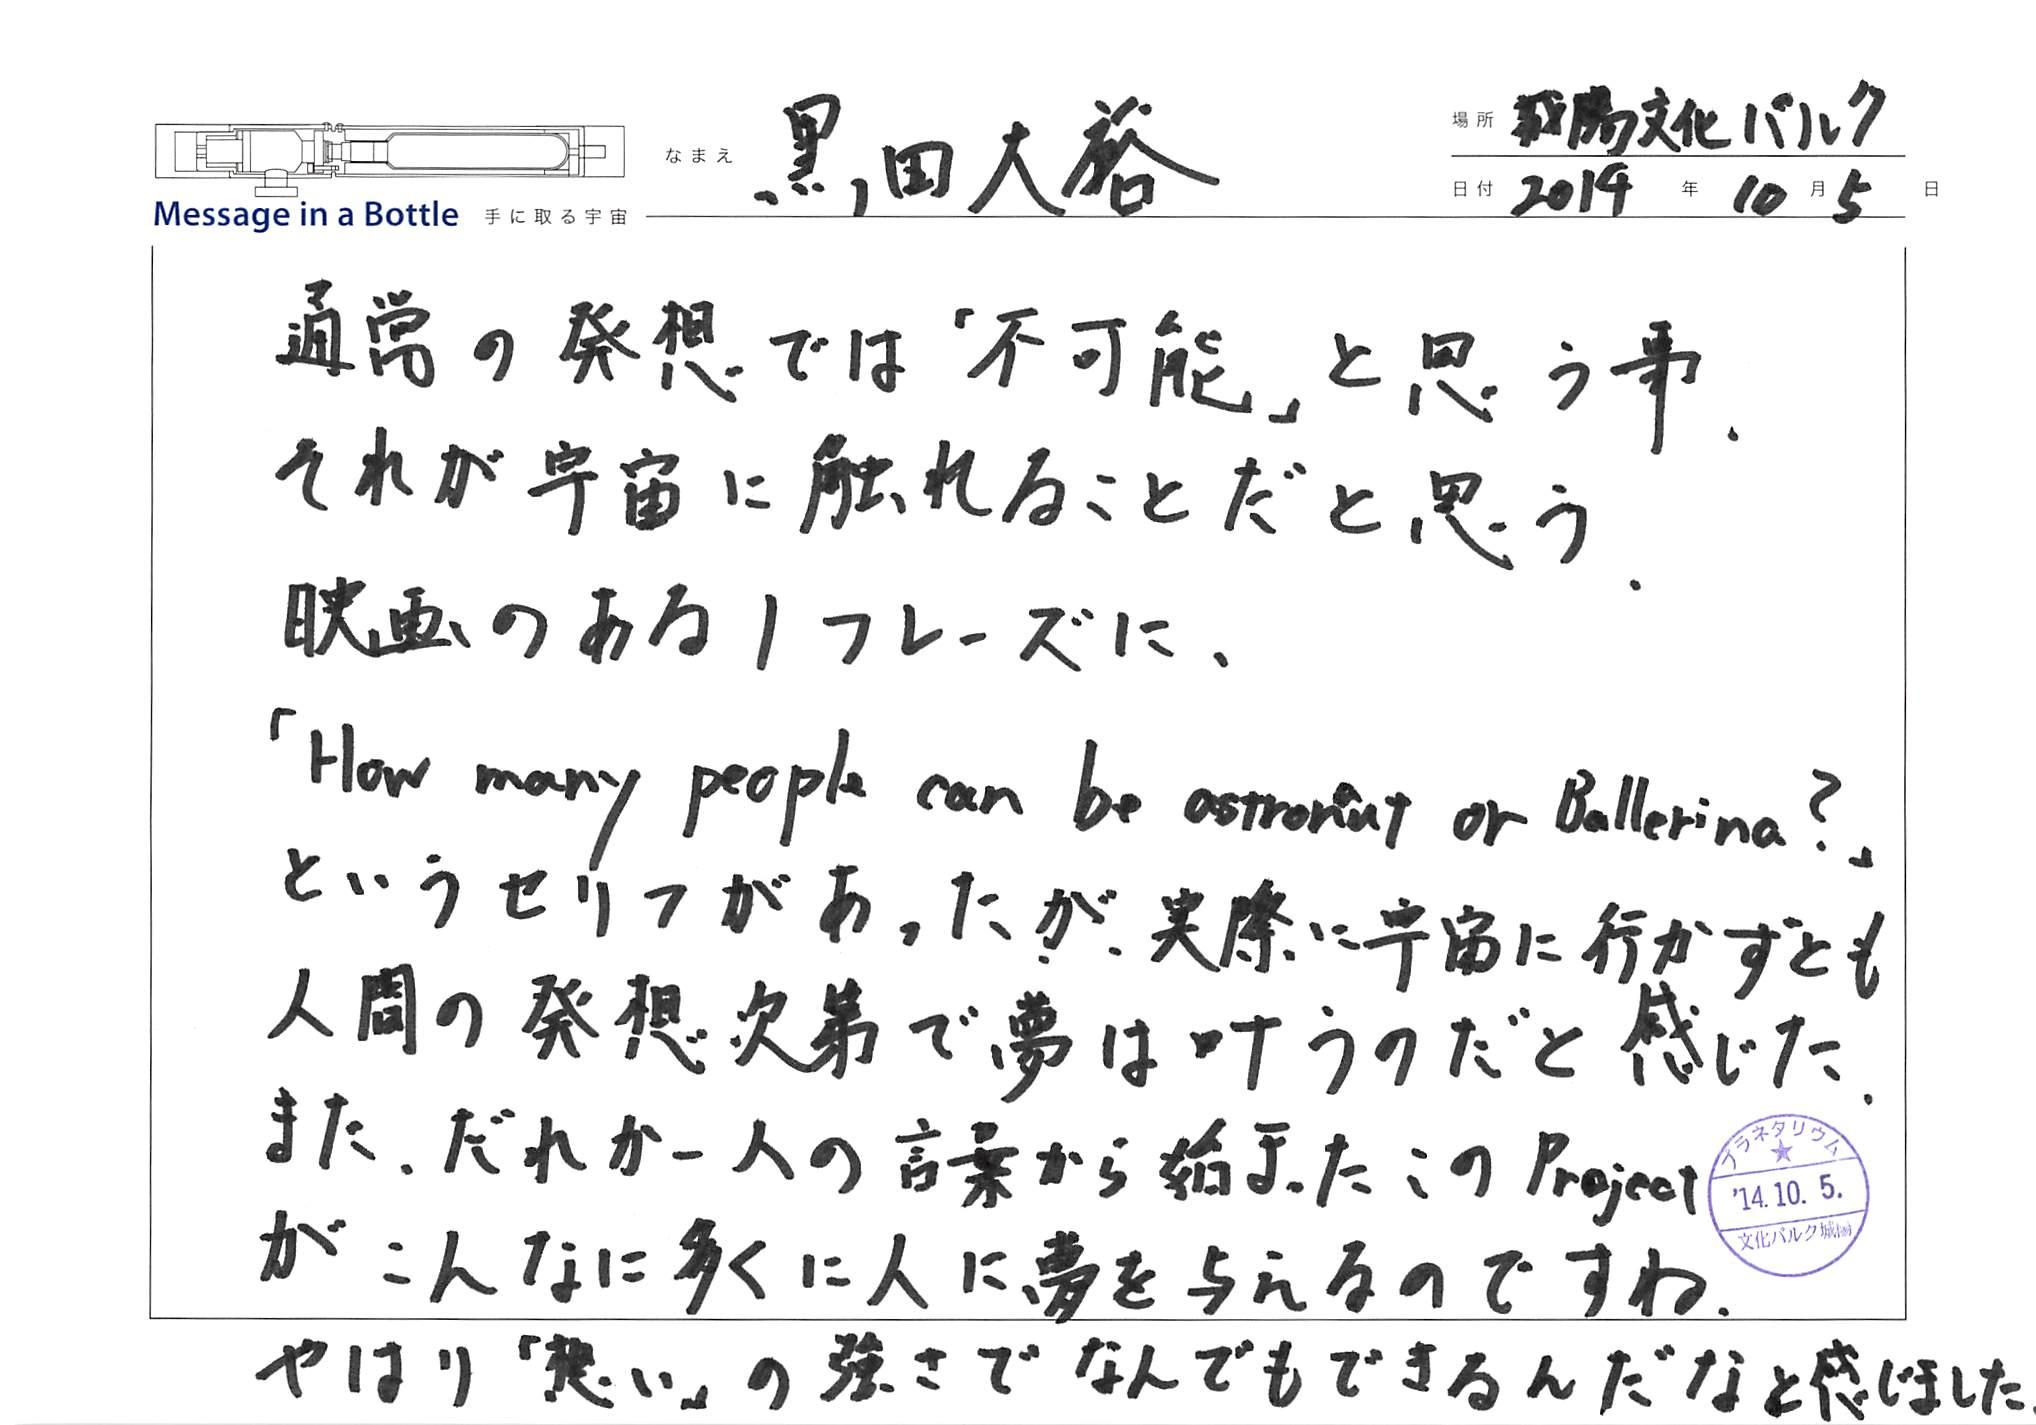 2014-10-05-17-33-40.jpg